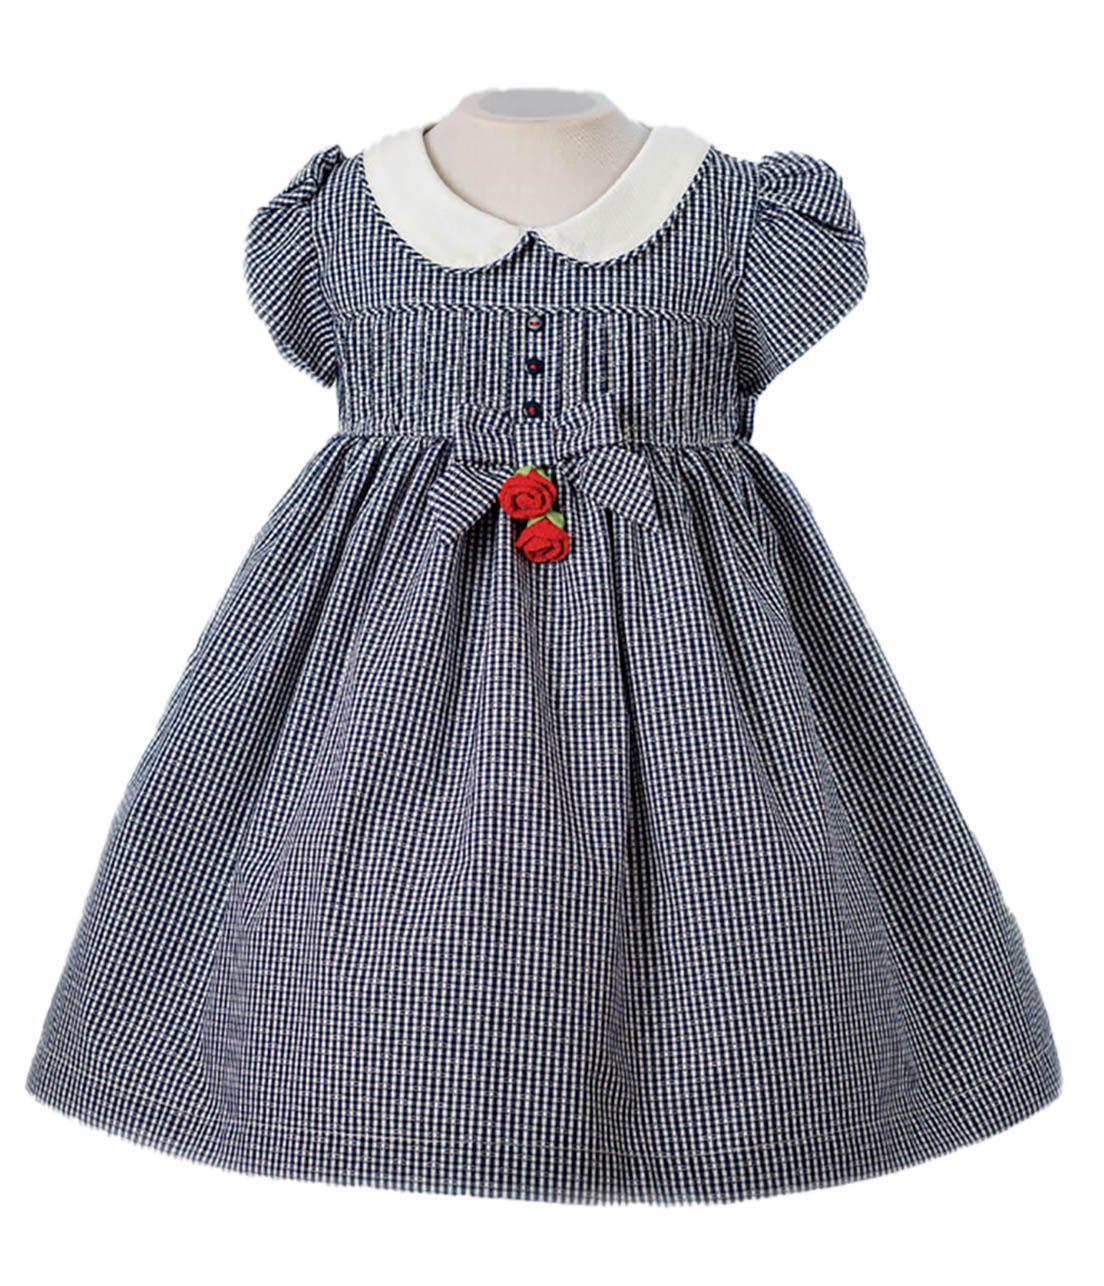 Vestido Festa Bebê em Tricoline  Póssum Xadrez  marinho e branco